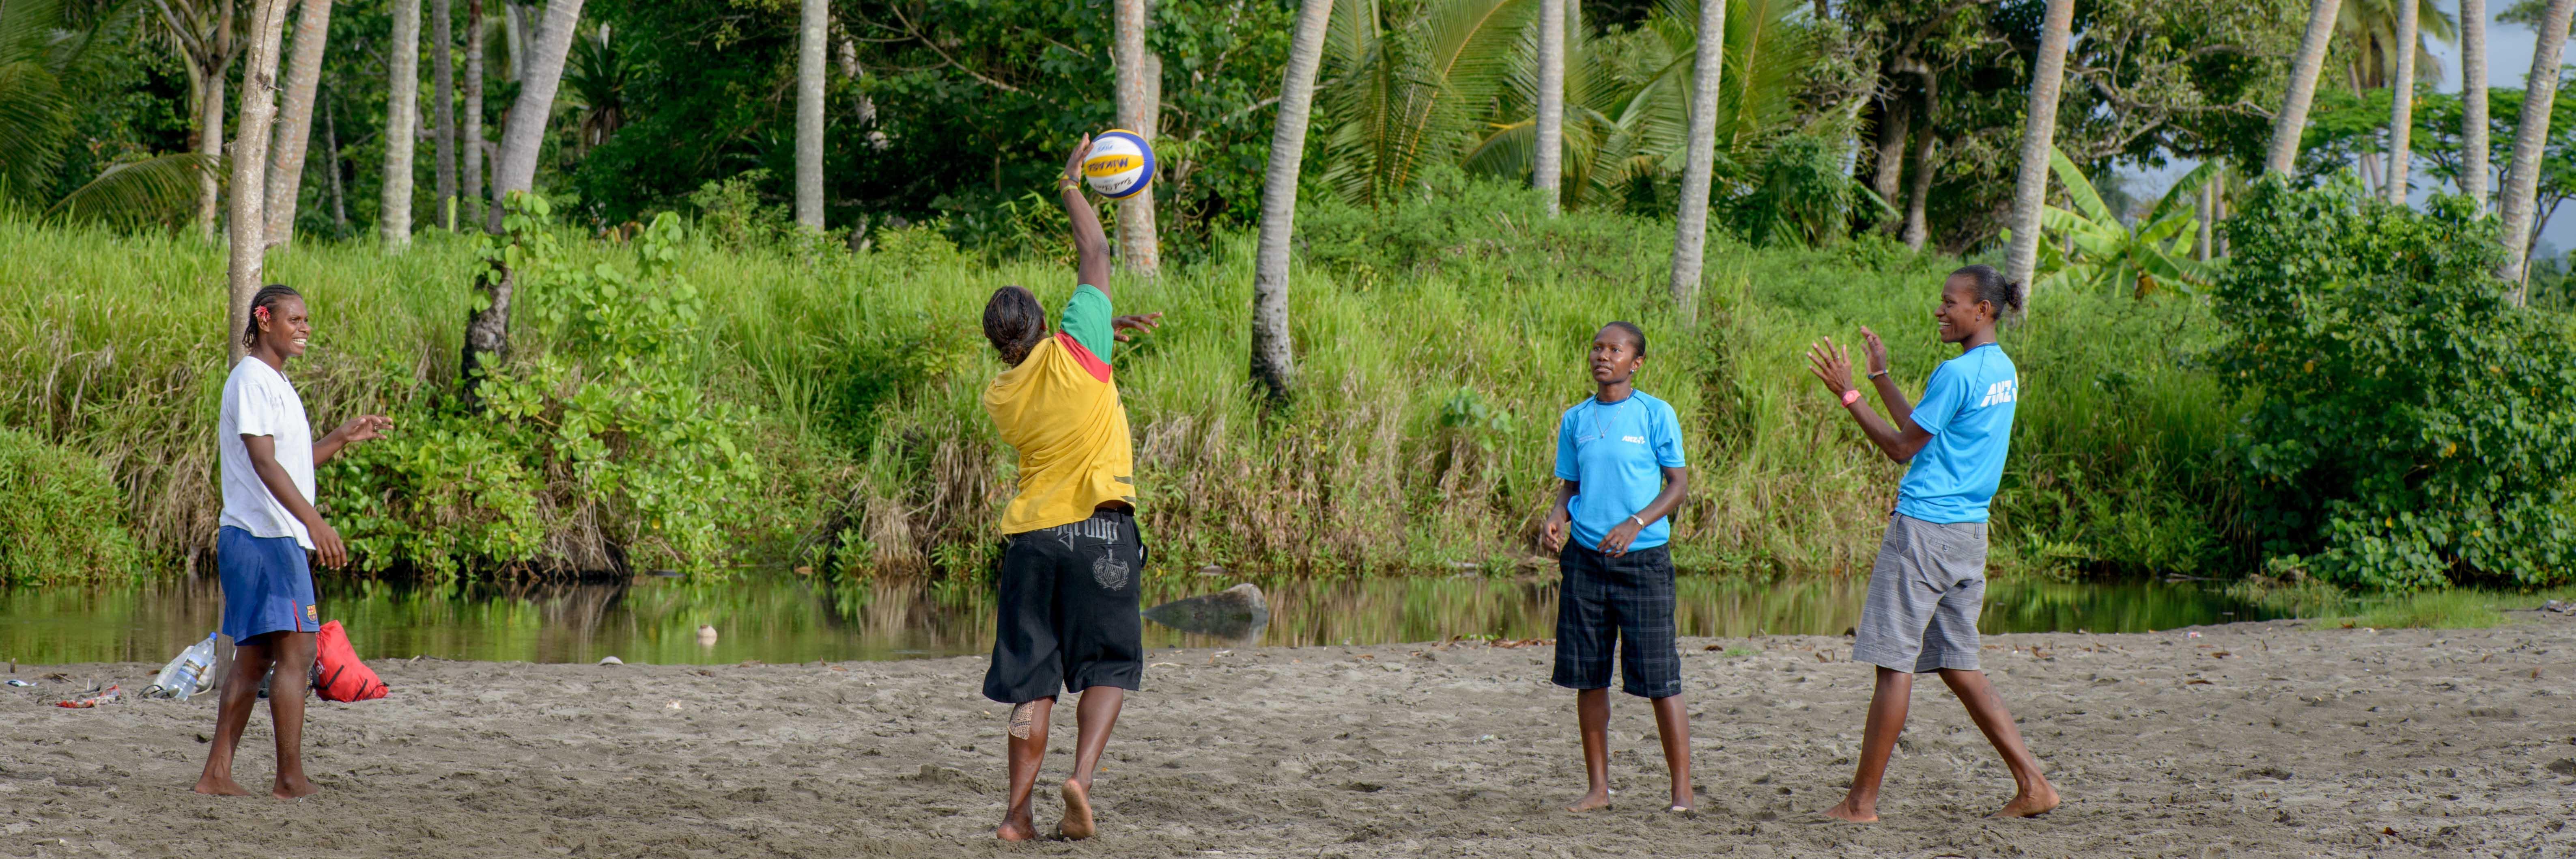 vila-beach-volleyball-candids-30